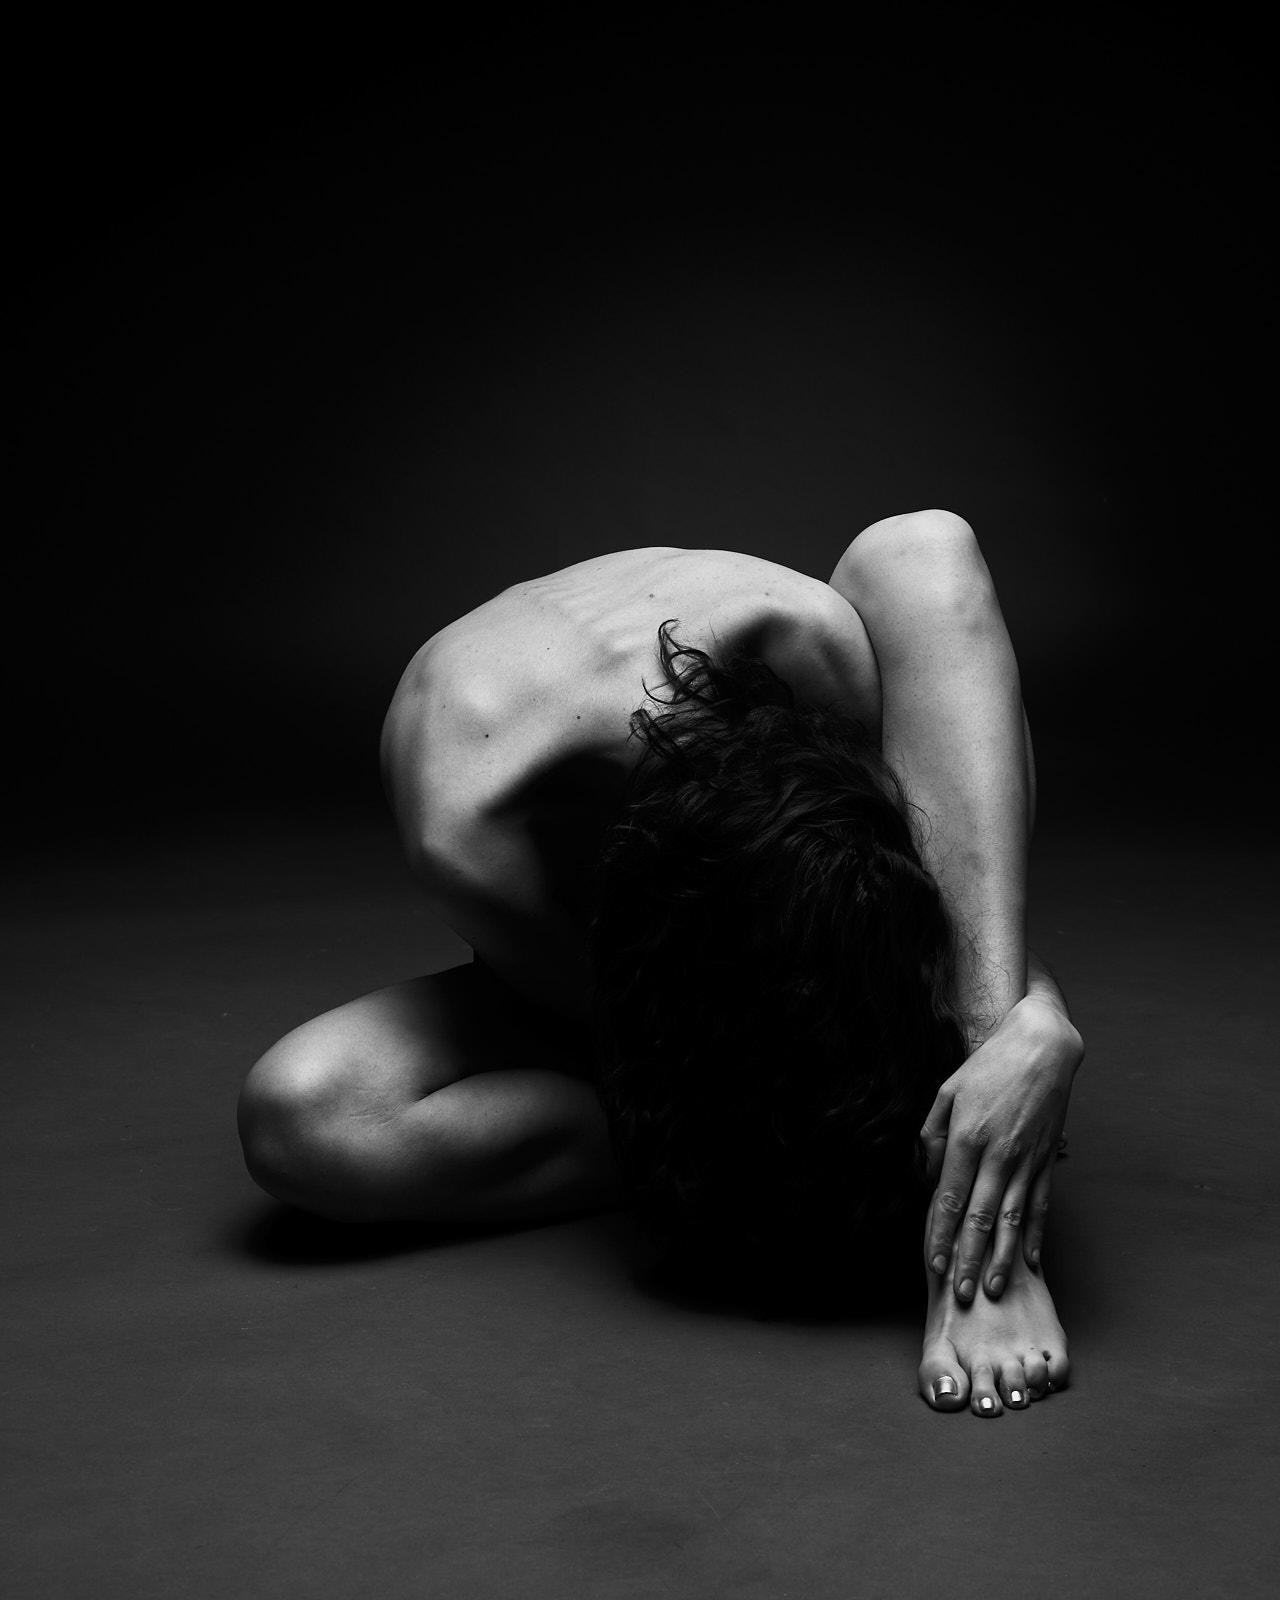 Une femme nue accroupie pied en avant, nu académique, artistique